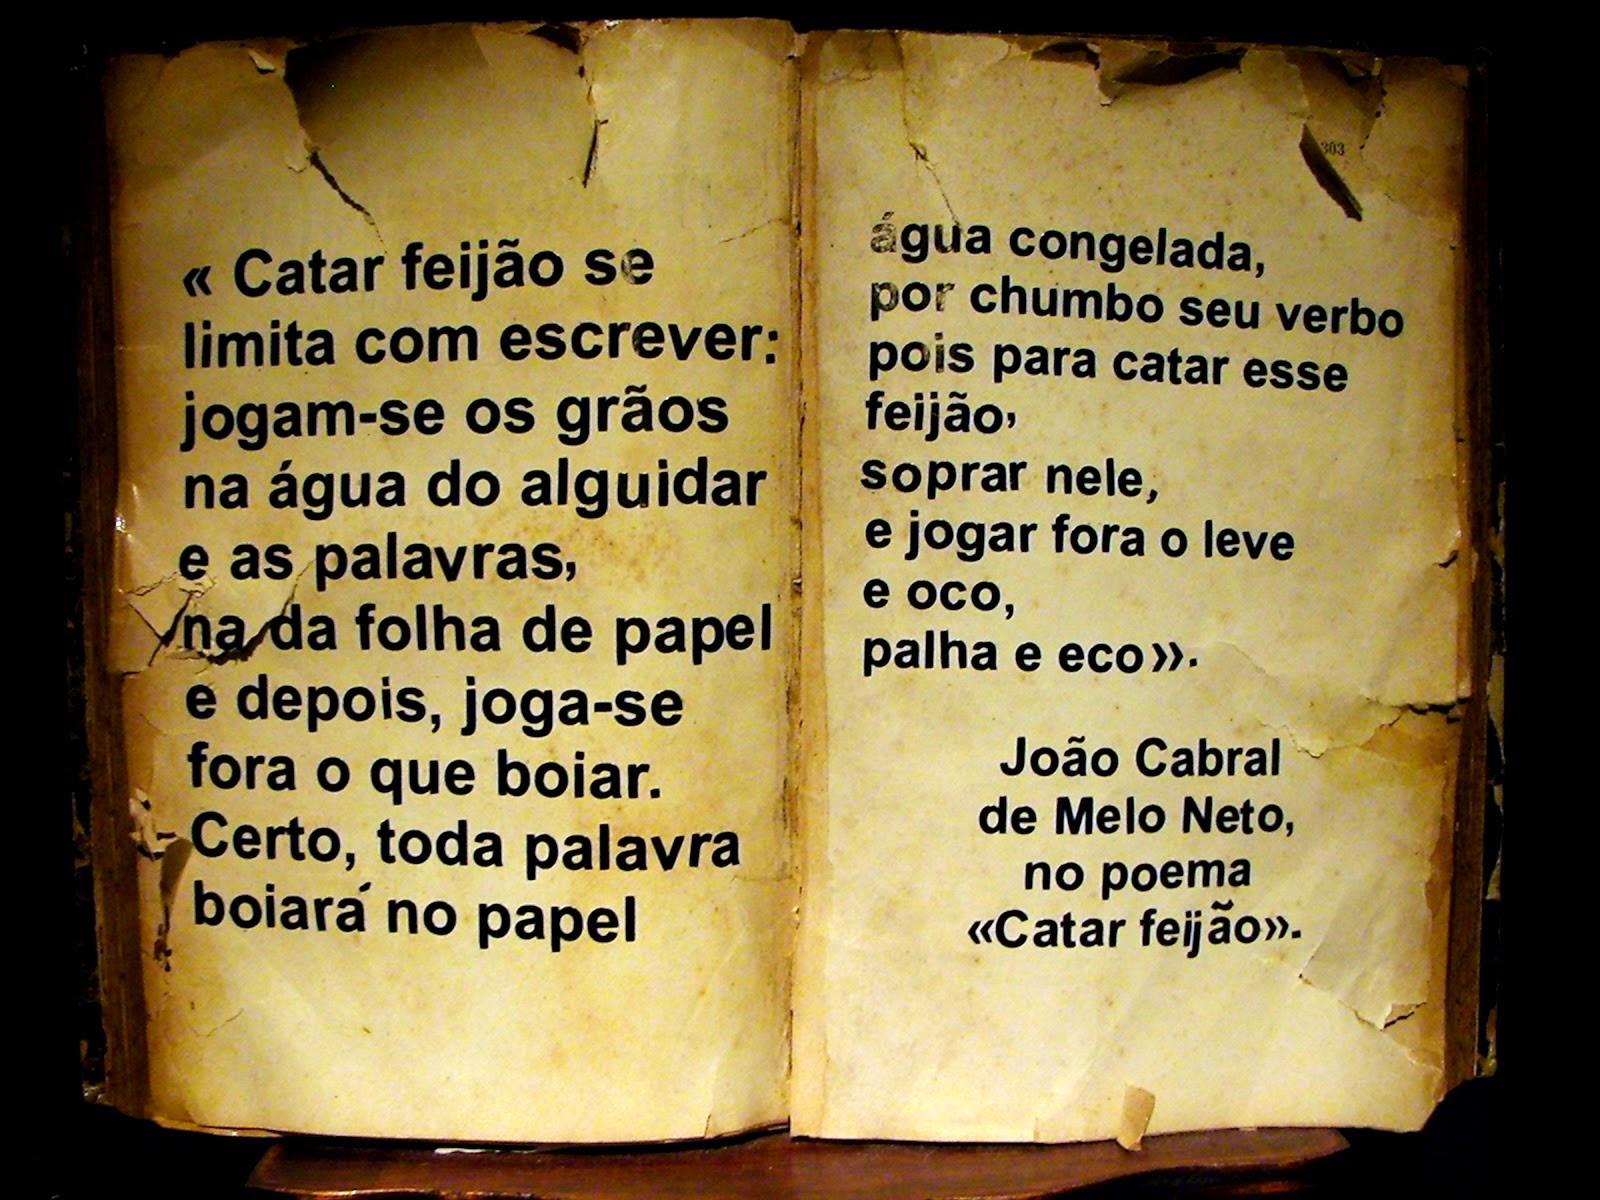 Amante Das Letras Análise Do Poema Catar Feijão De João Cabral